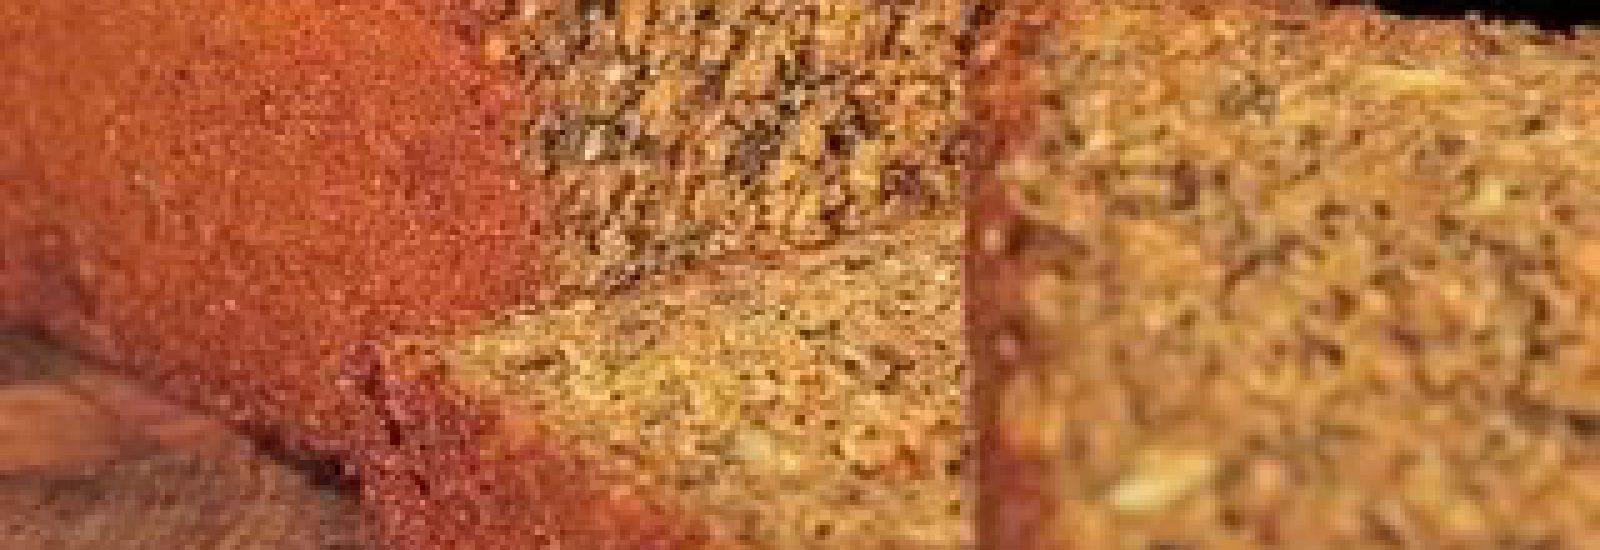 Irish brown bread from Avoca Powerscourt